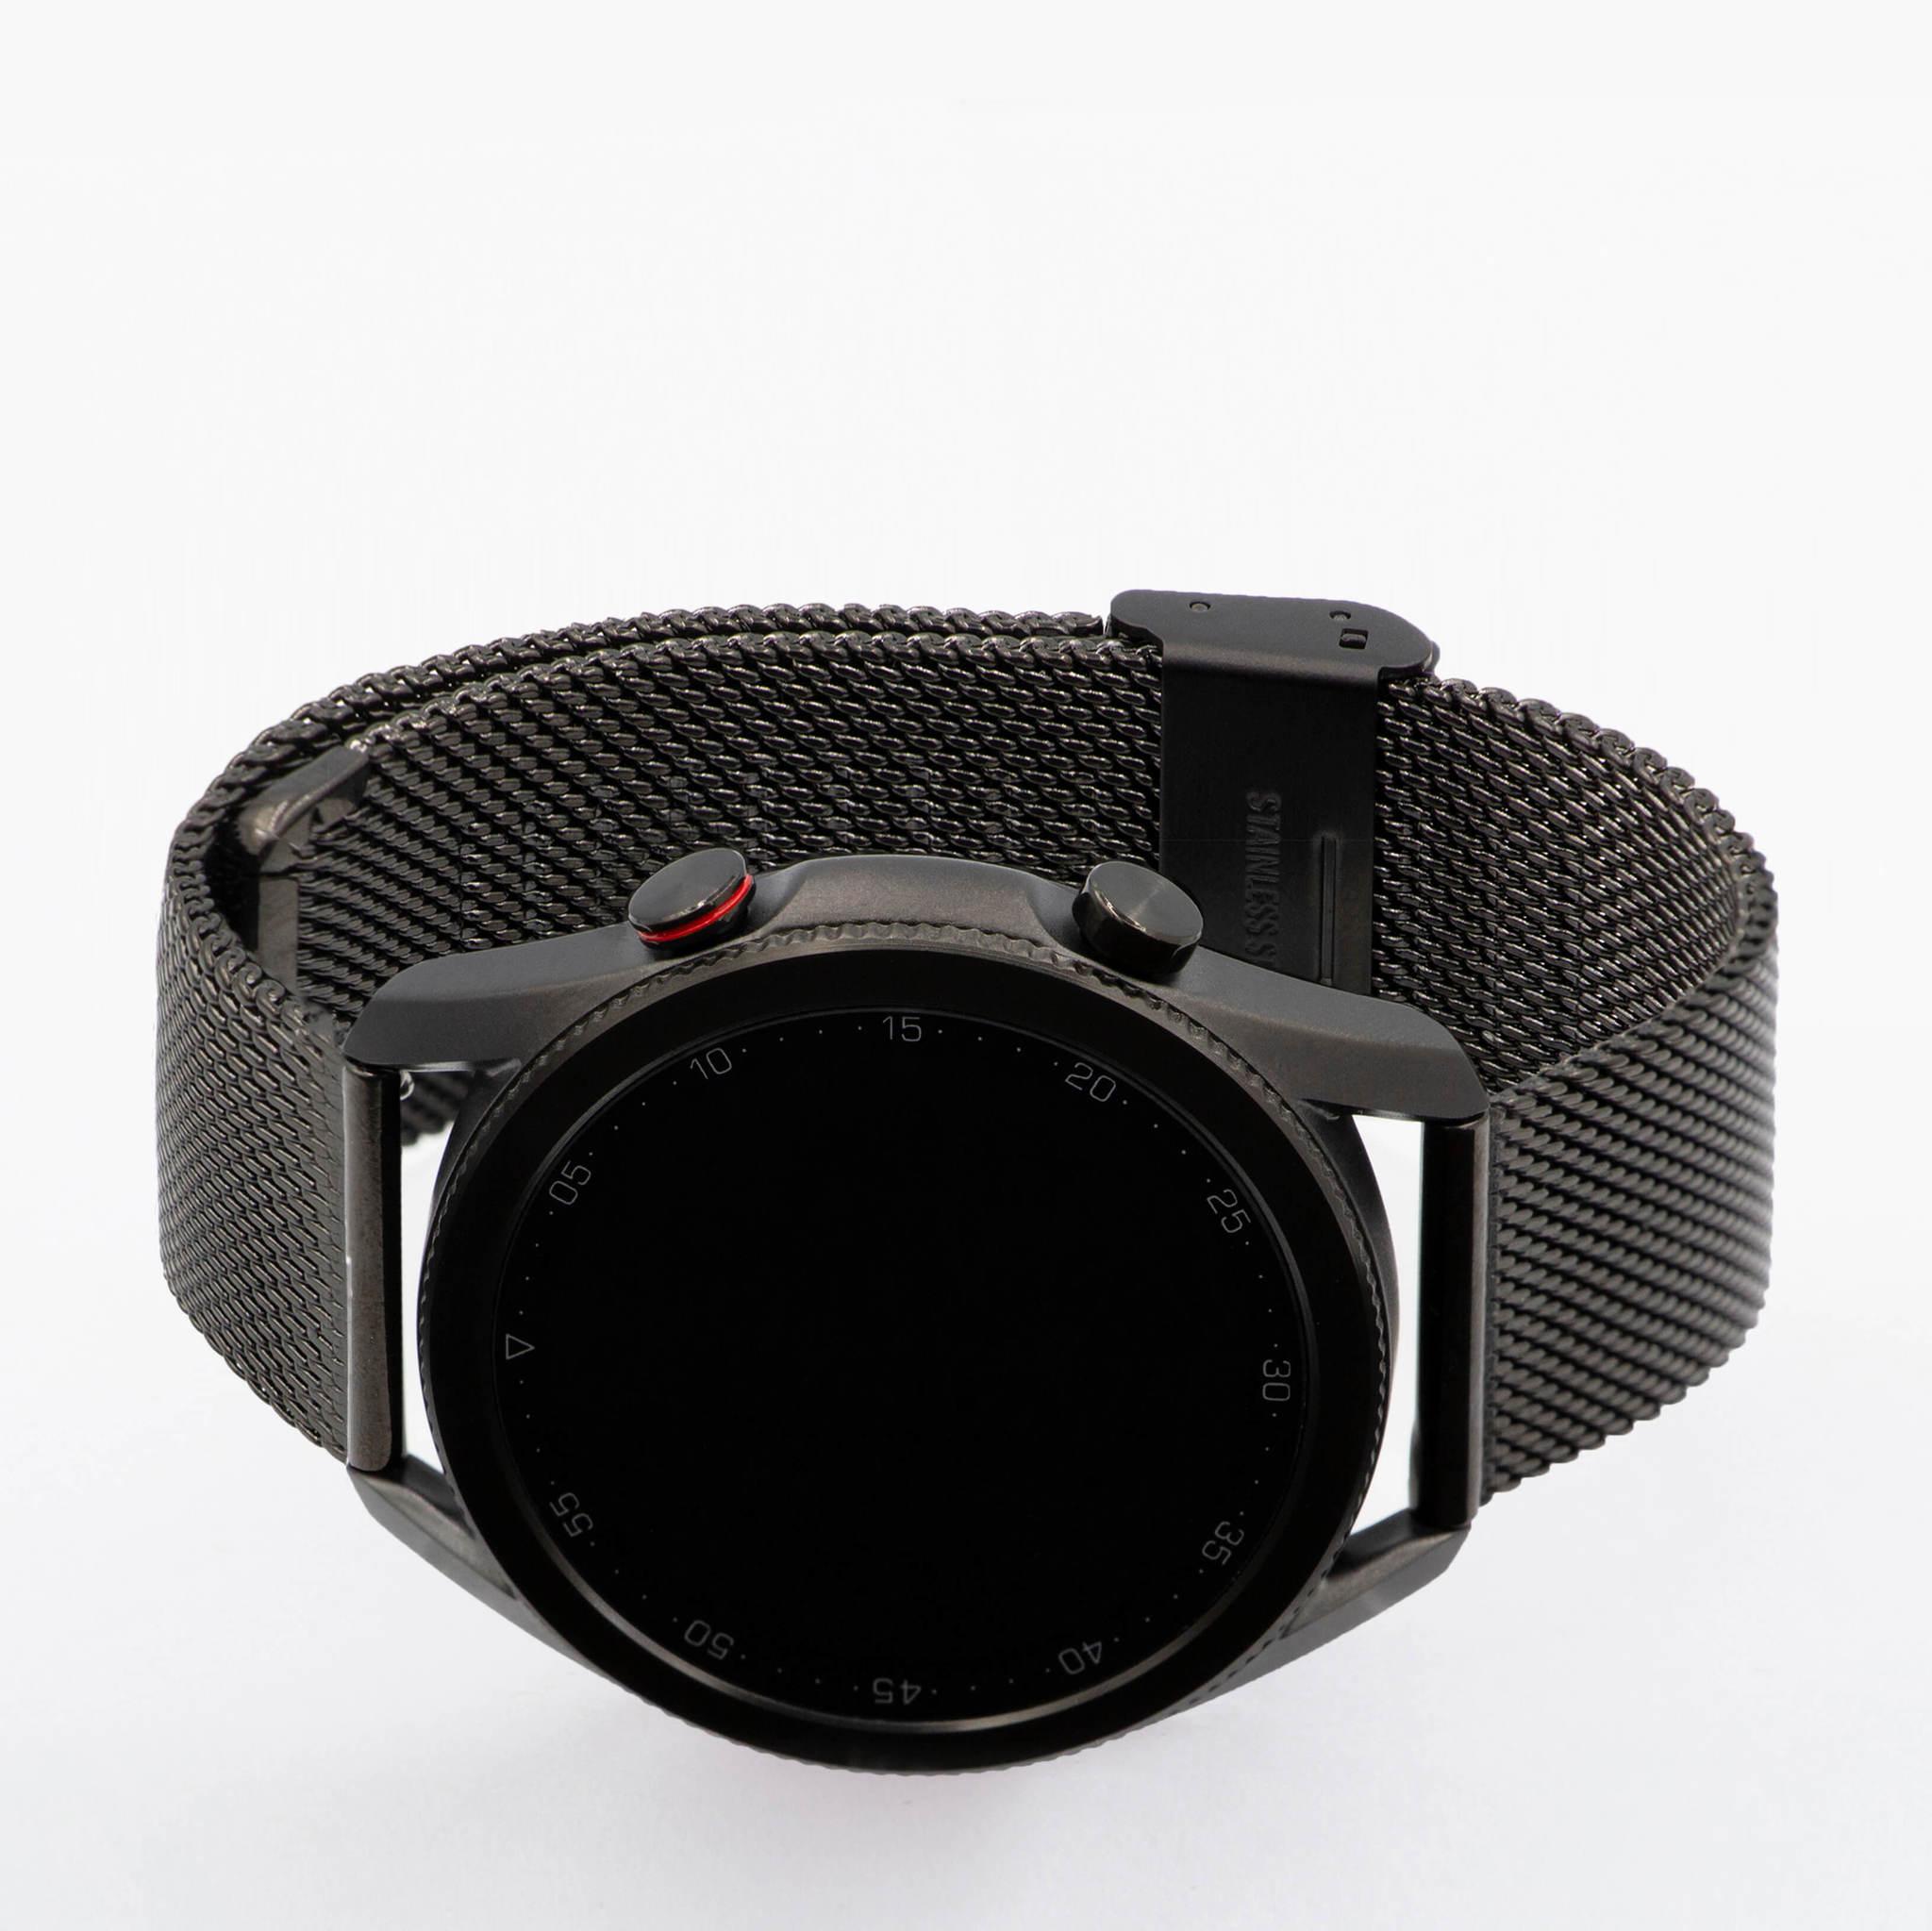 Профессиональные часы здоровья с измерением давления, пульса, кислорода и снятием ЭКГ  Health Watch Pro WP70 (чёрный)